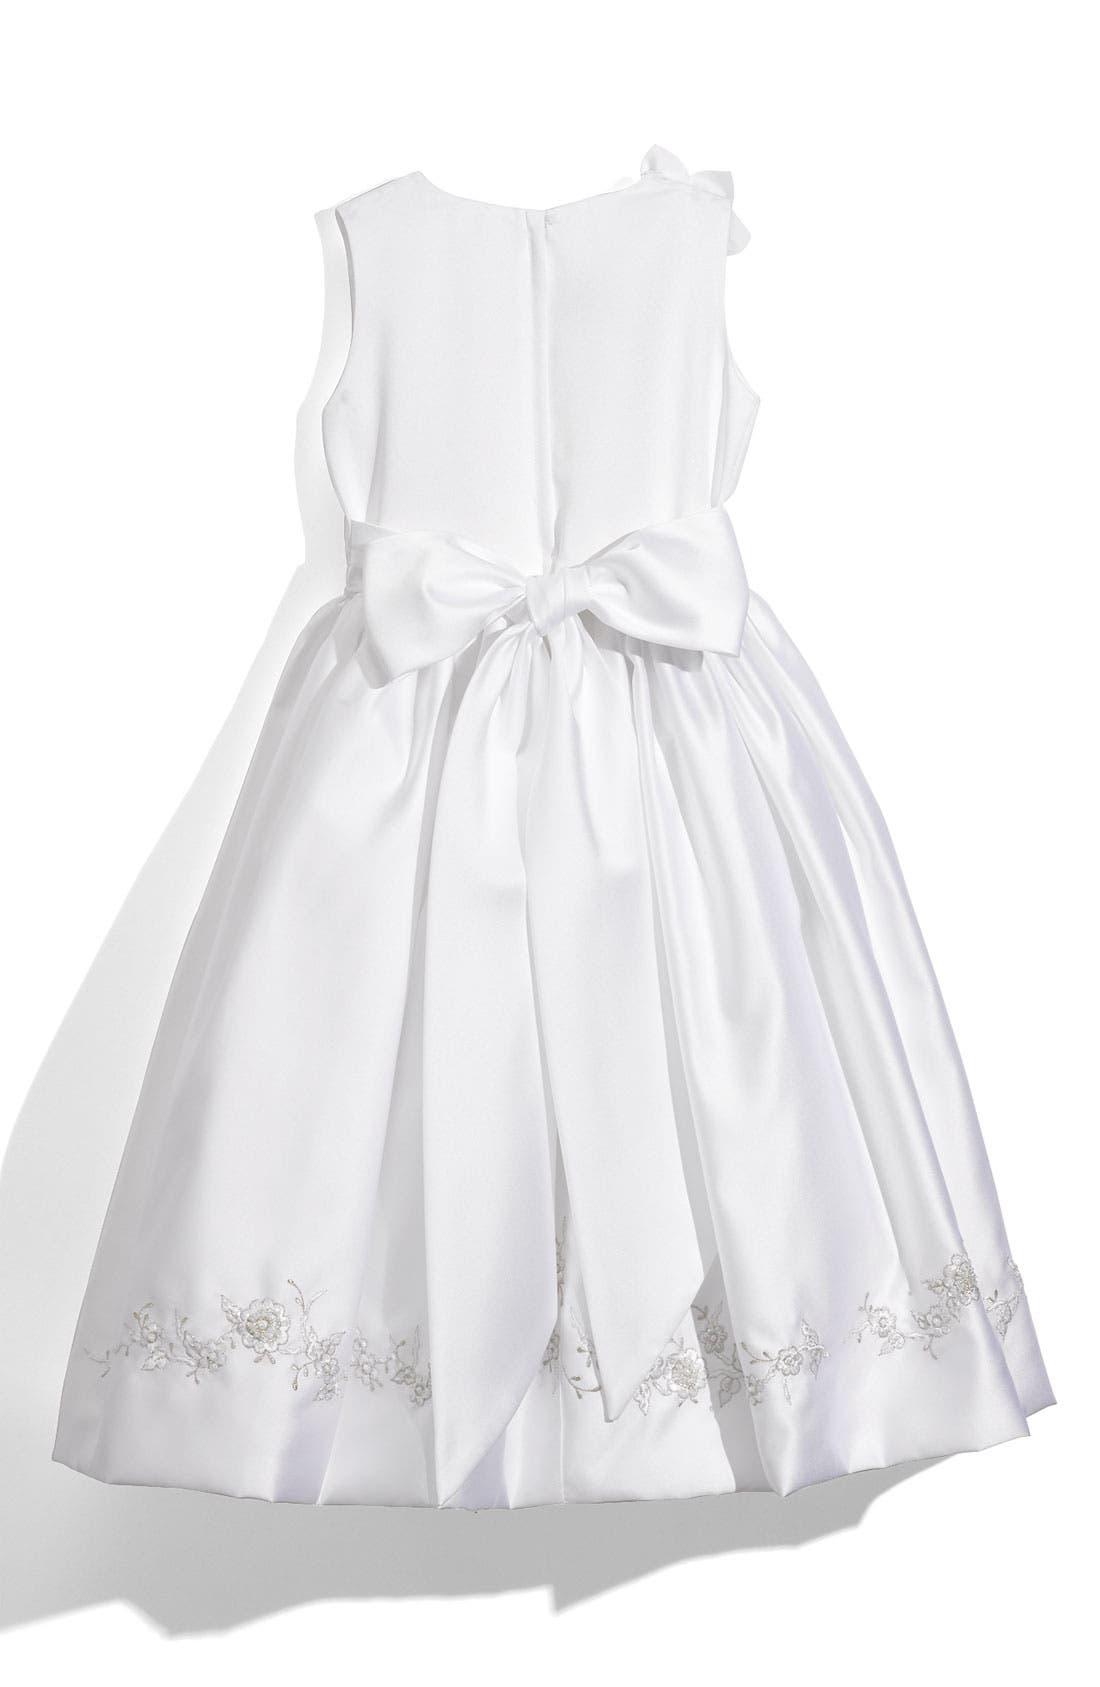 Alternate Image 2  - Joan Calabrese for Mon Cheri Sleeveless Satin Dress (Big Girls)